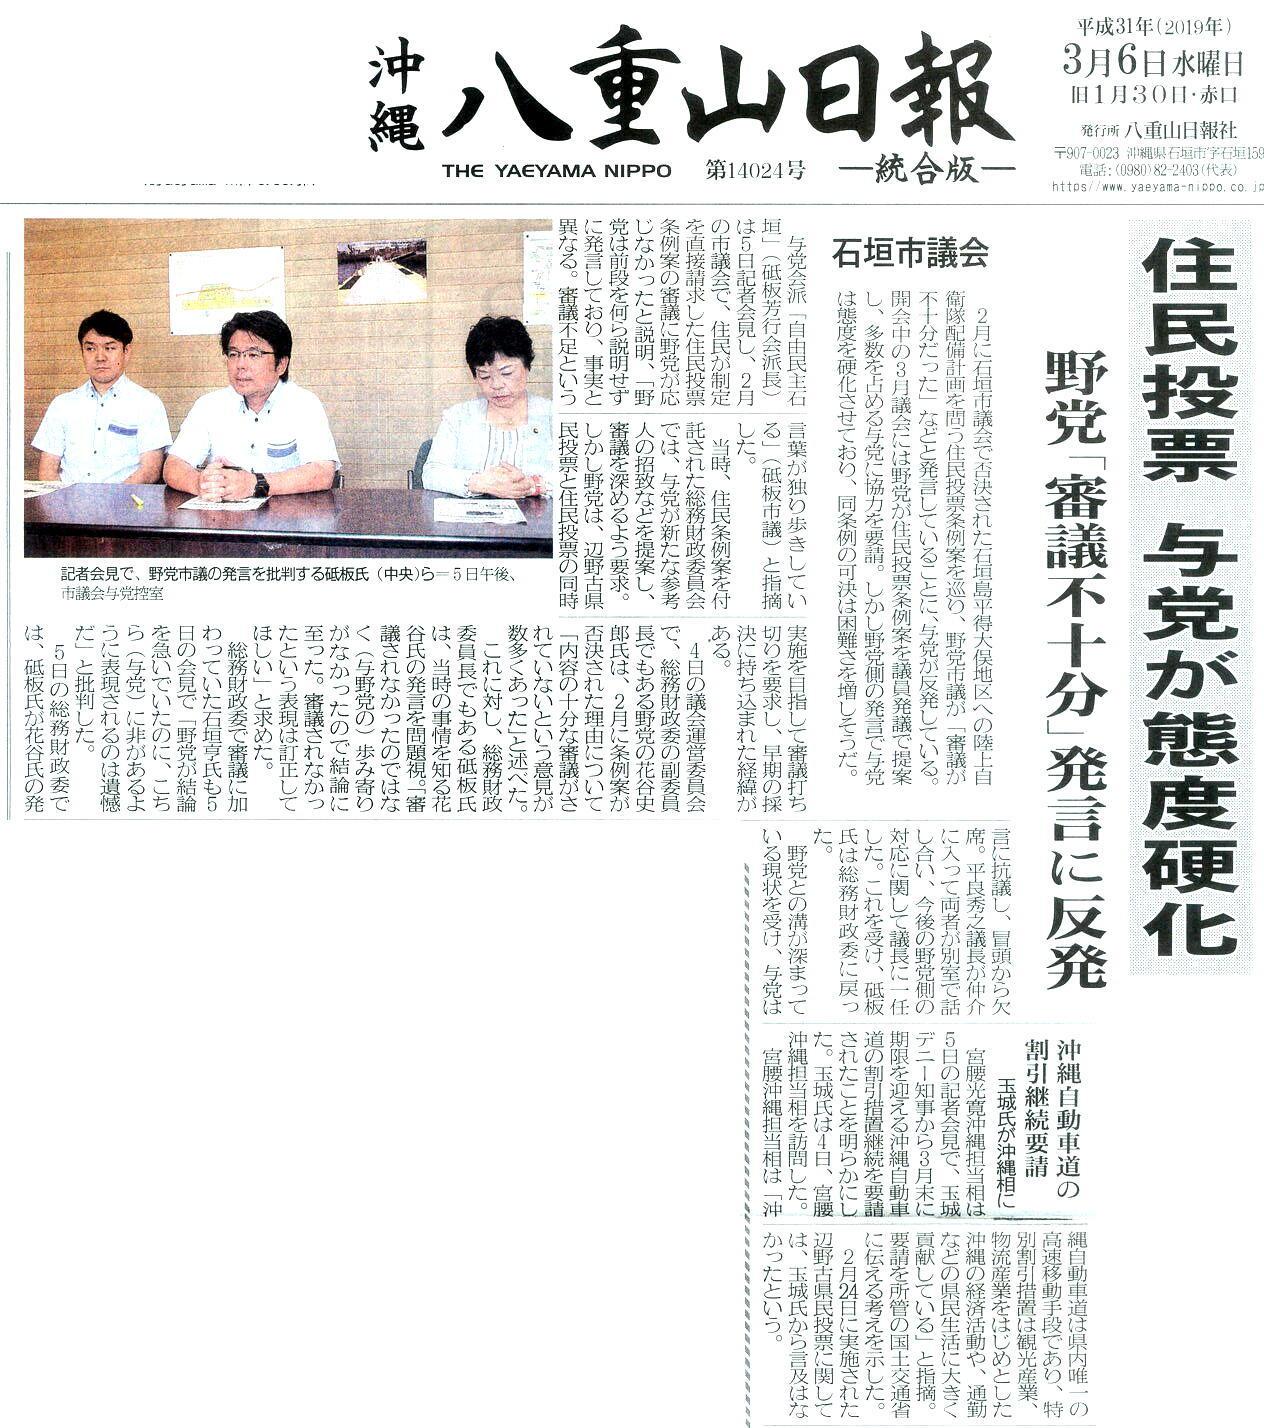 yaenippou2019 03061